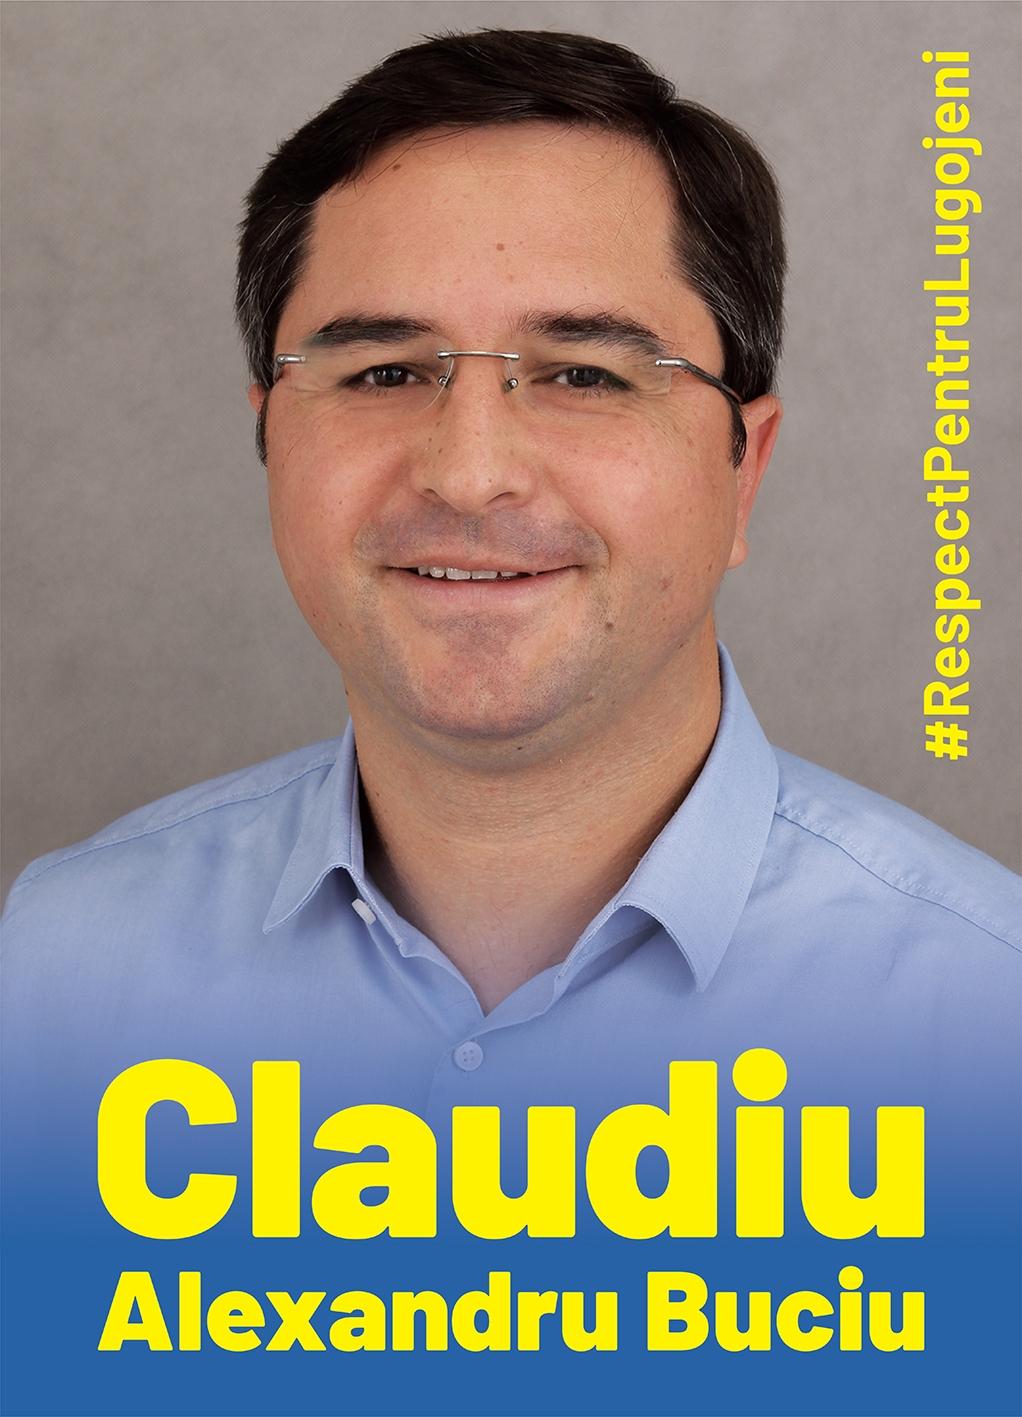 Claudiu Alexandru Buciu